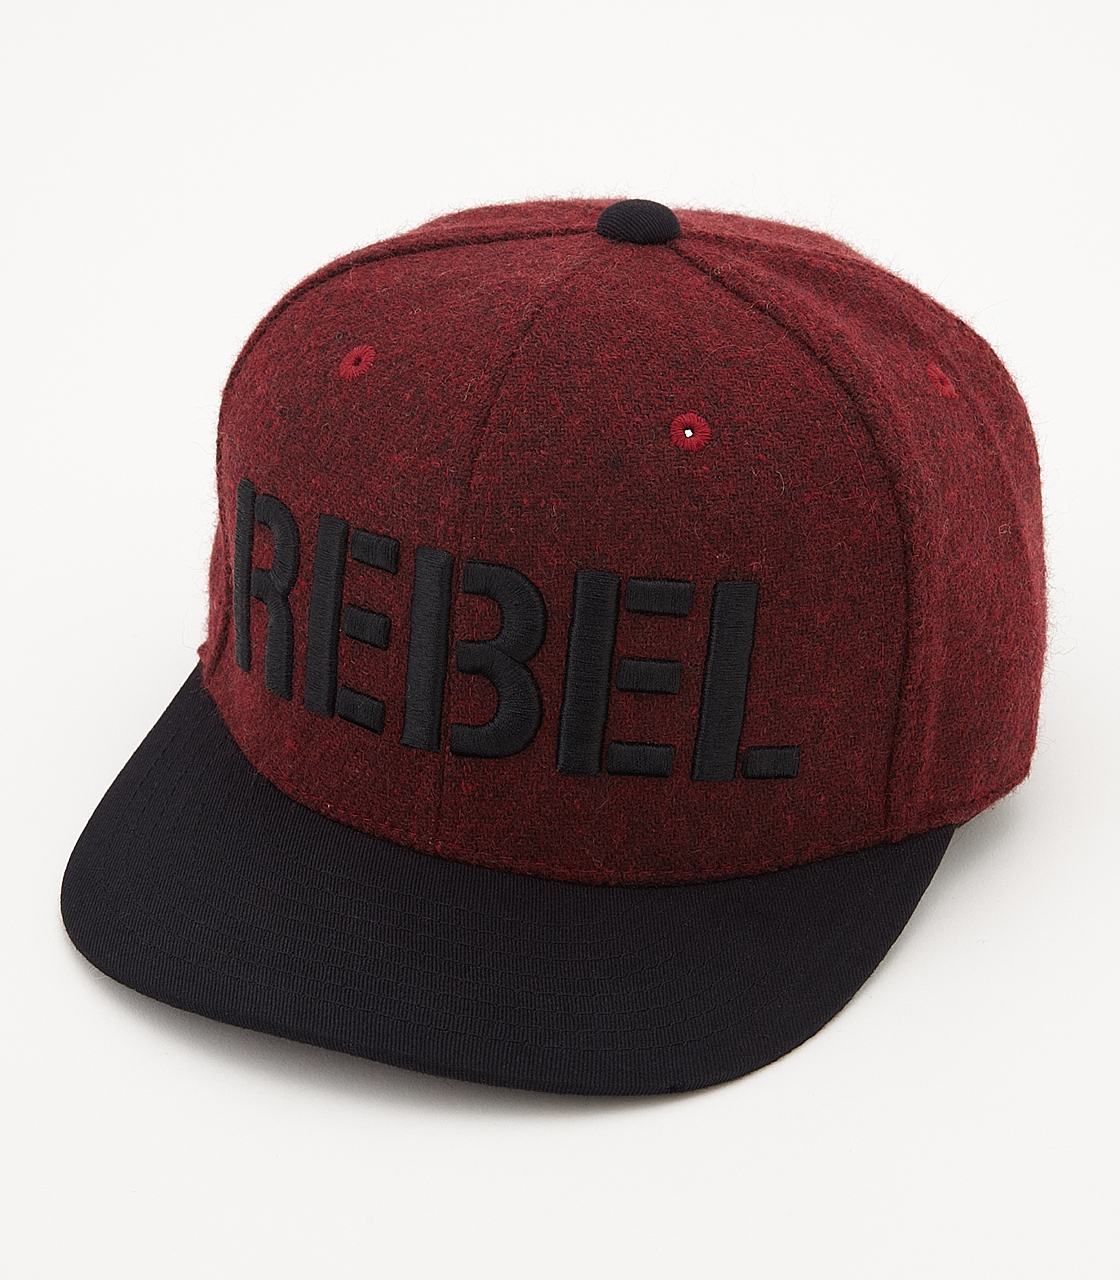 帽子通販〜SLY LANGブランドの【SLY LANG】ツィードREBEL CAP/ブランド/トレンド/ブランド/2806A556-0190